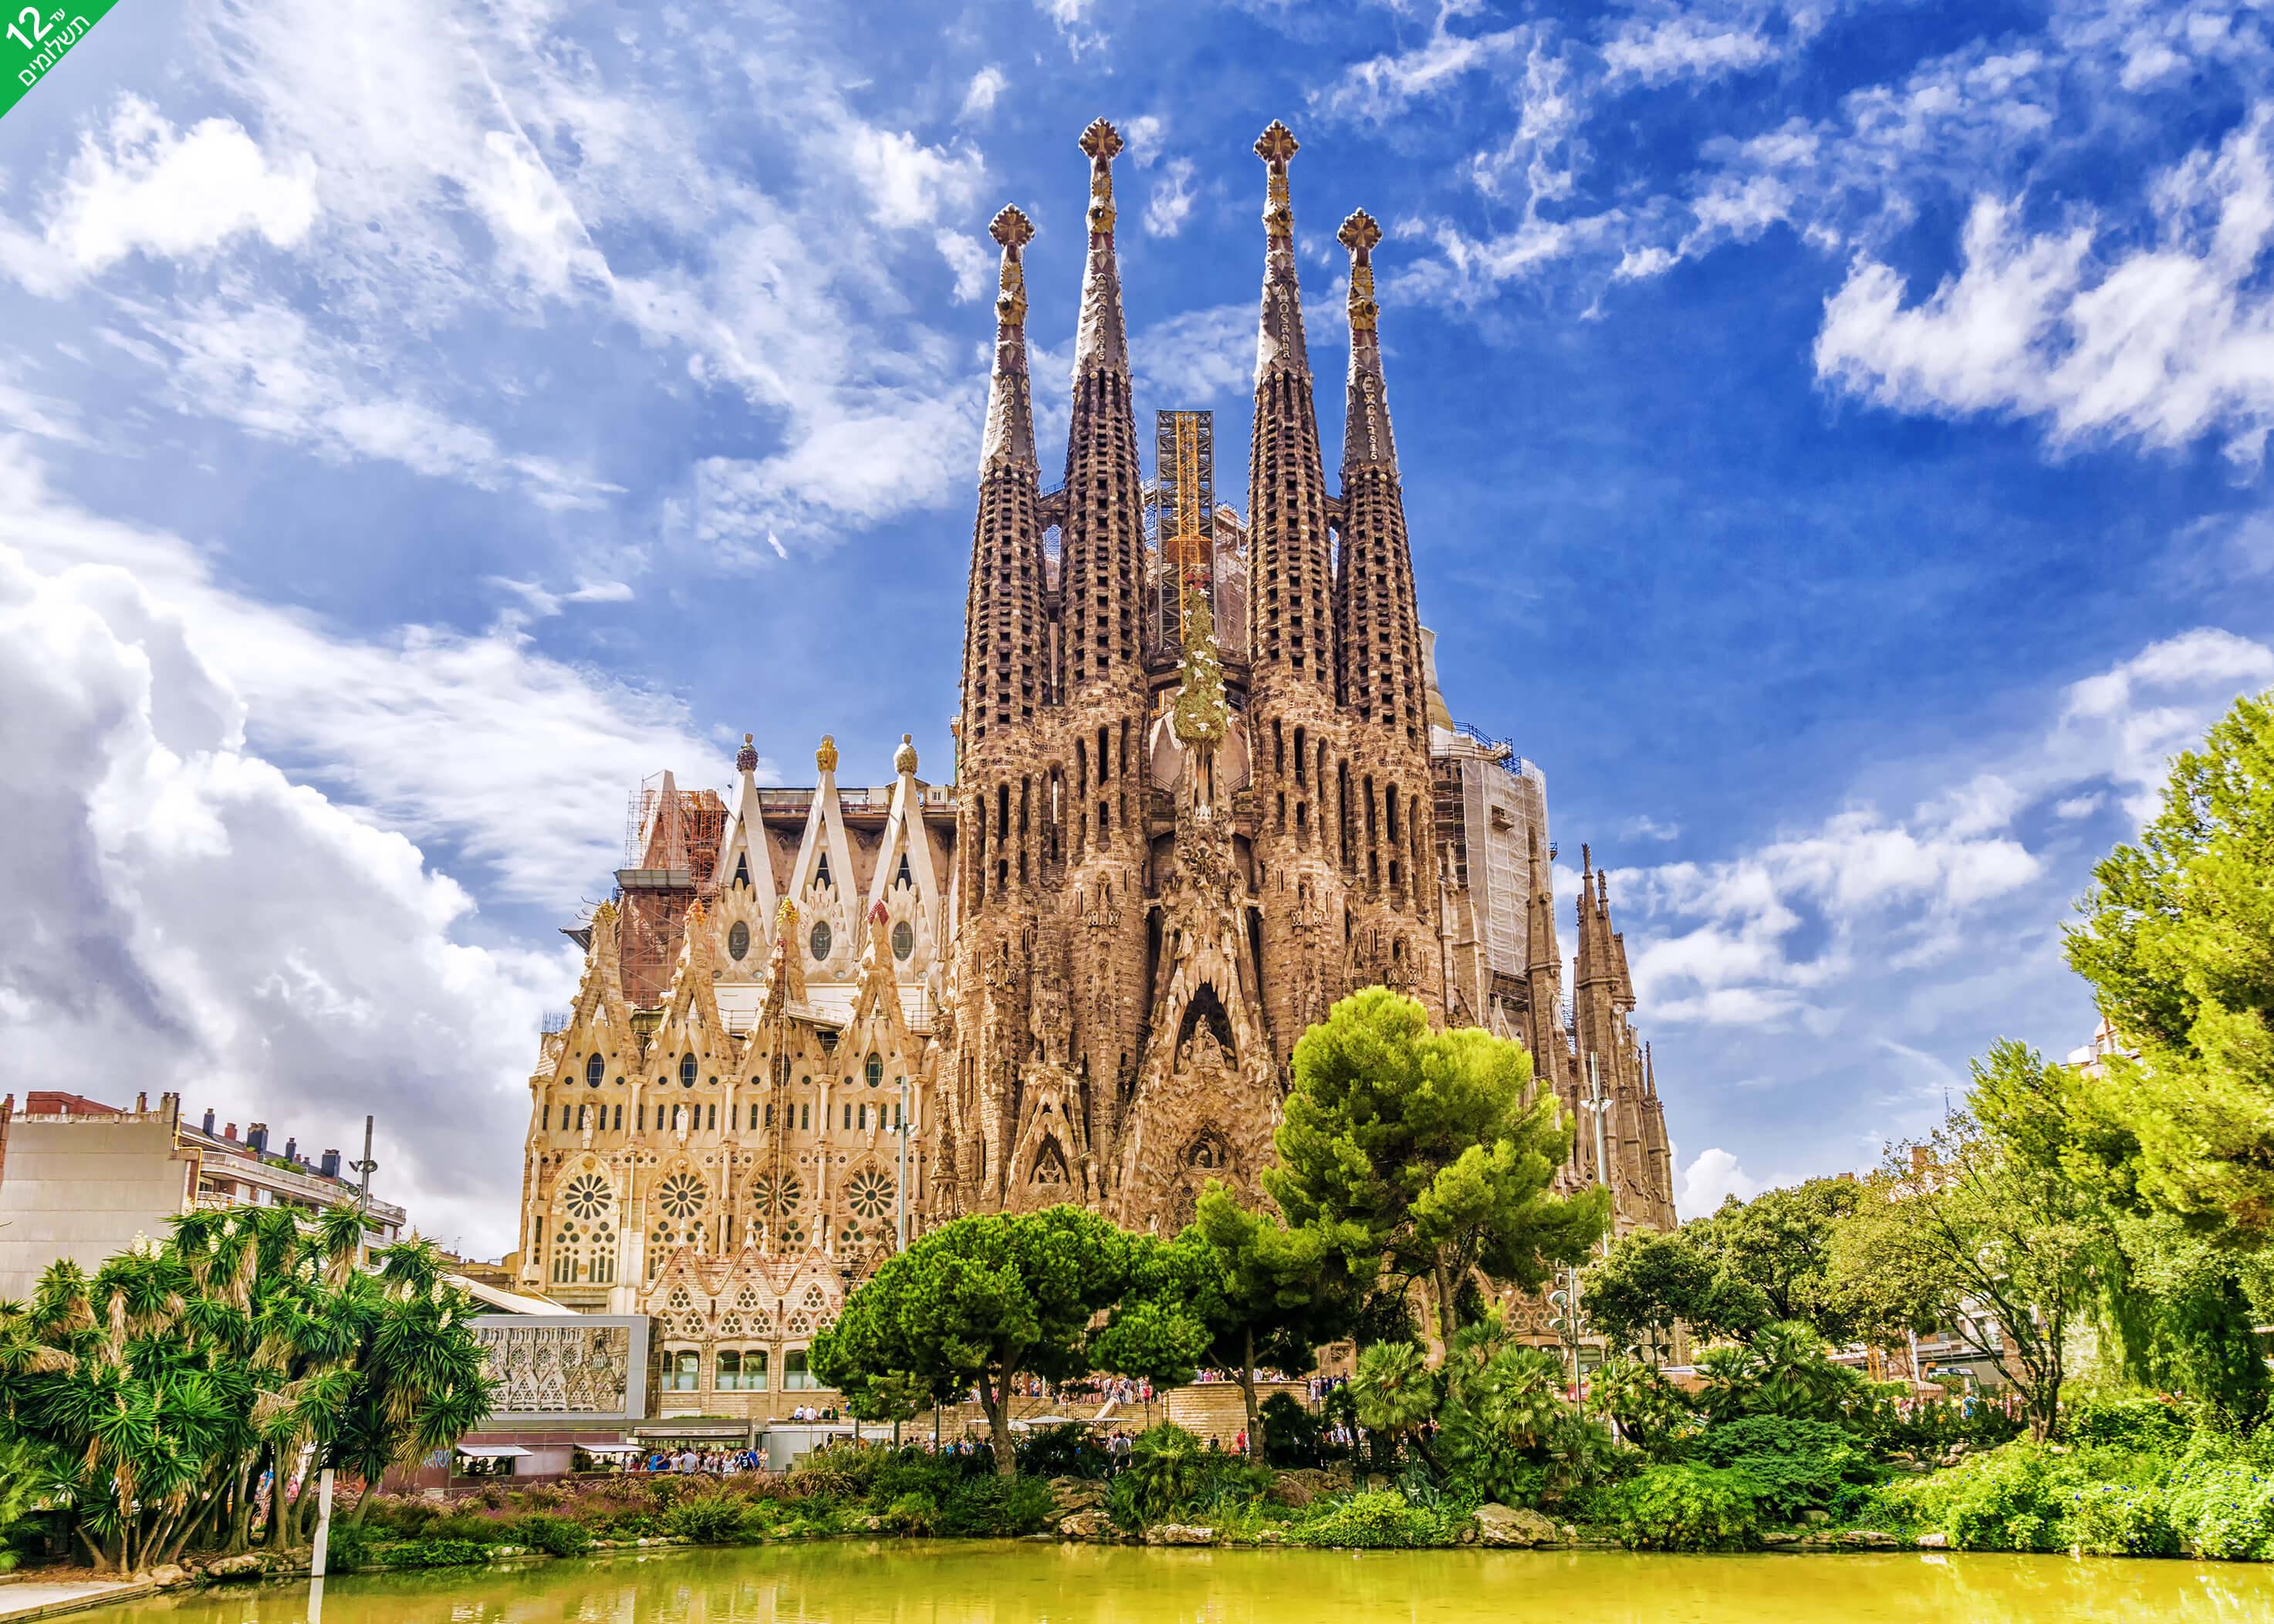 4 חופשה בברצלונה - טפאסים, סנגריות ושופינג בכל פינה